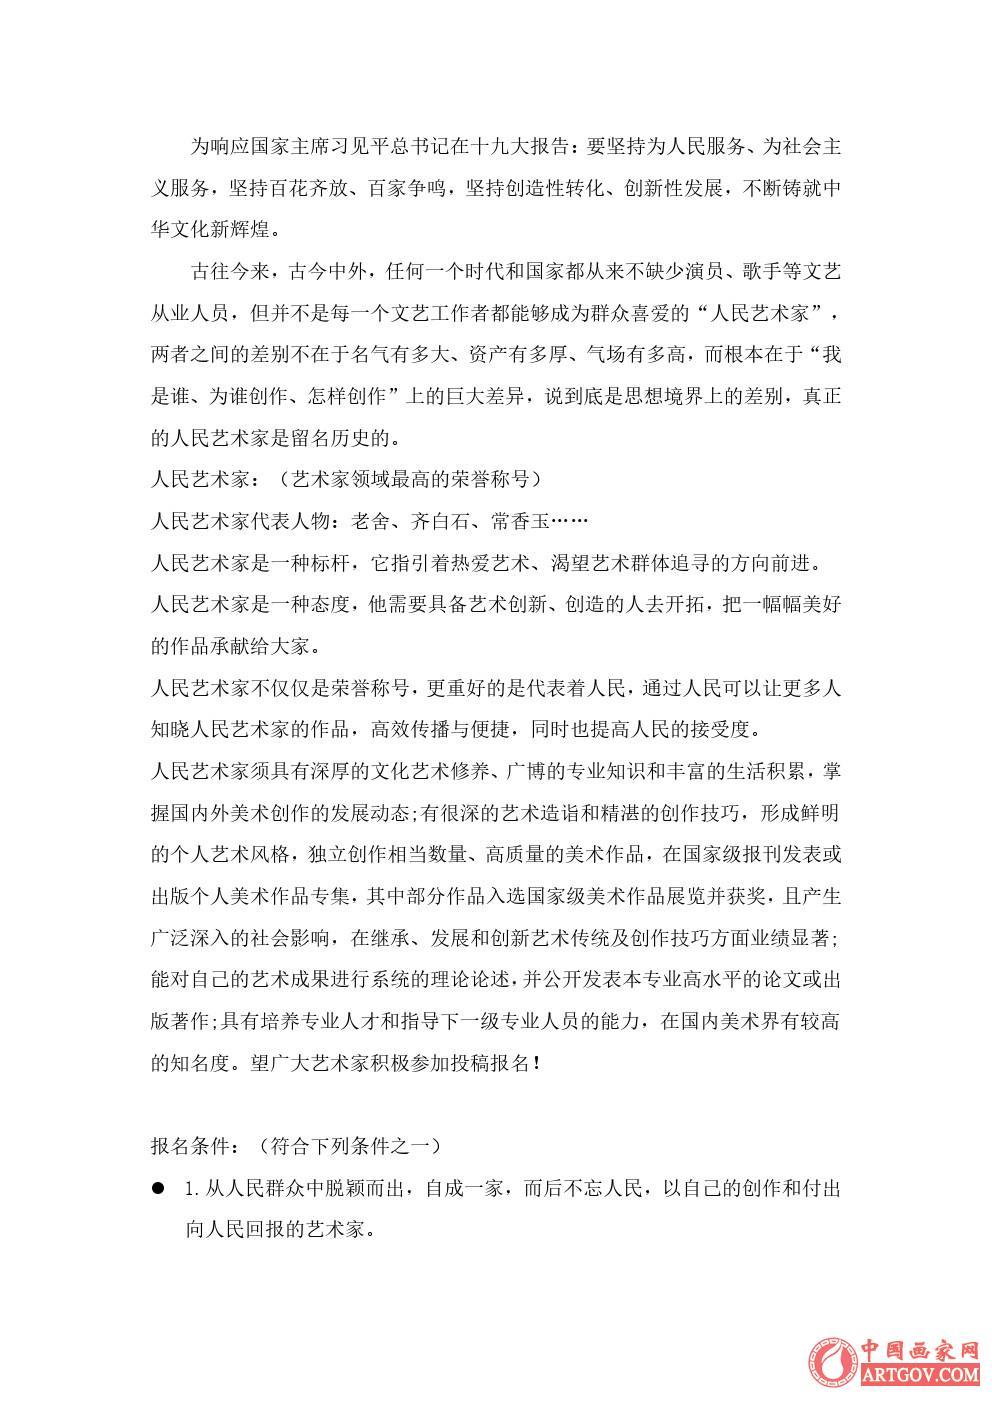 中国百强《人民艺术家》称号征集函文件   国人办发〔2018〕01号   2018年度中国百强【人民艺术家】